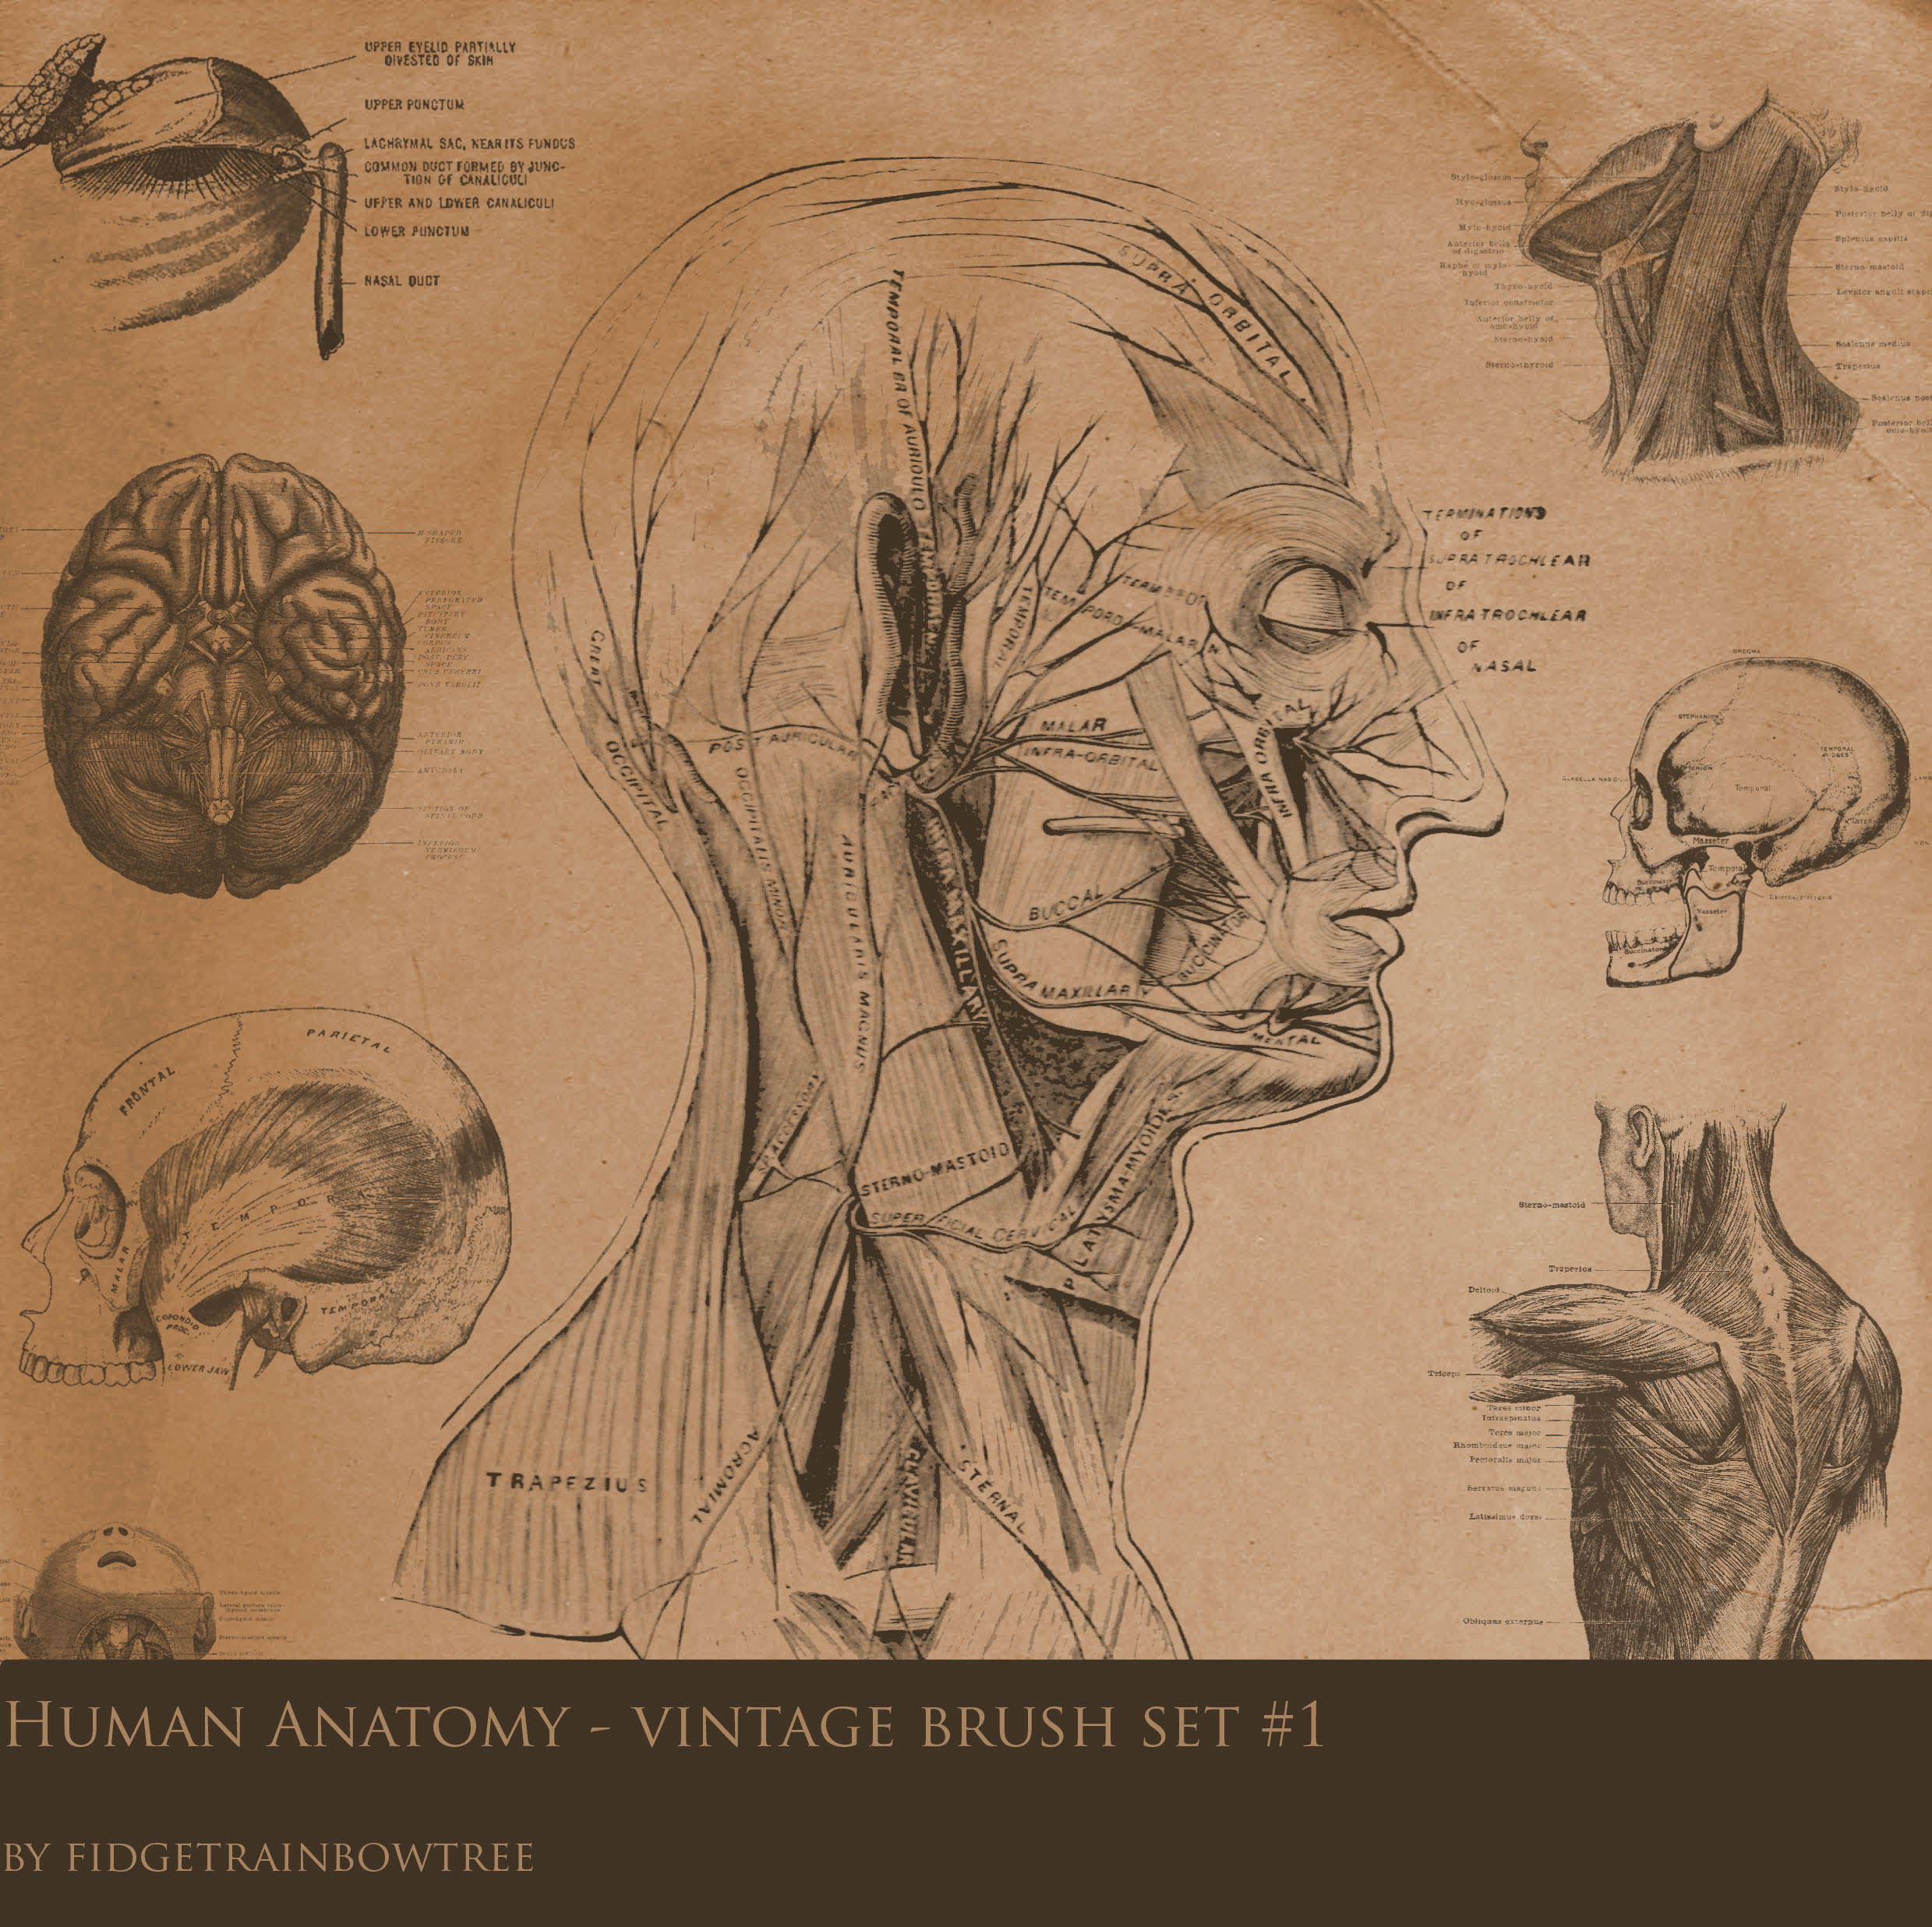 anatomisti Tavola anatomica di una testa 2 - by Fidgetrainbowtree Pubblicazione incerta © dell'autore, tutti i diritti riservati